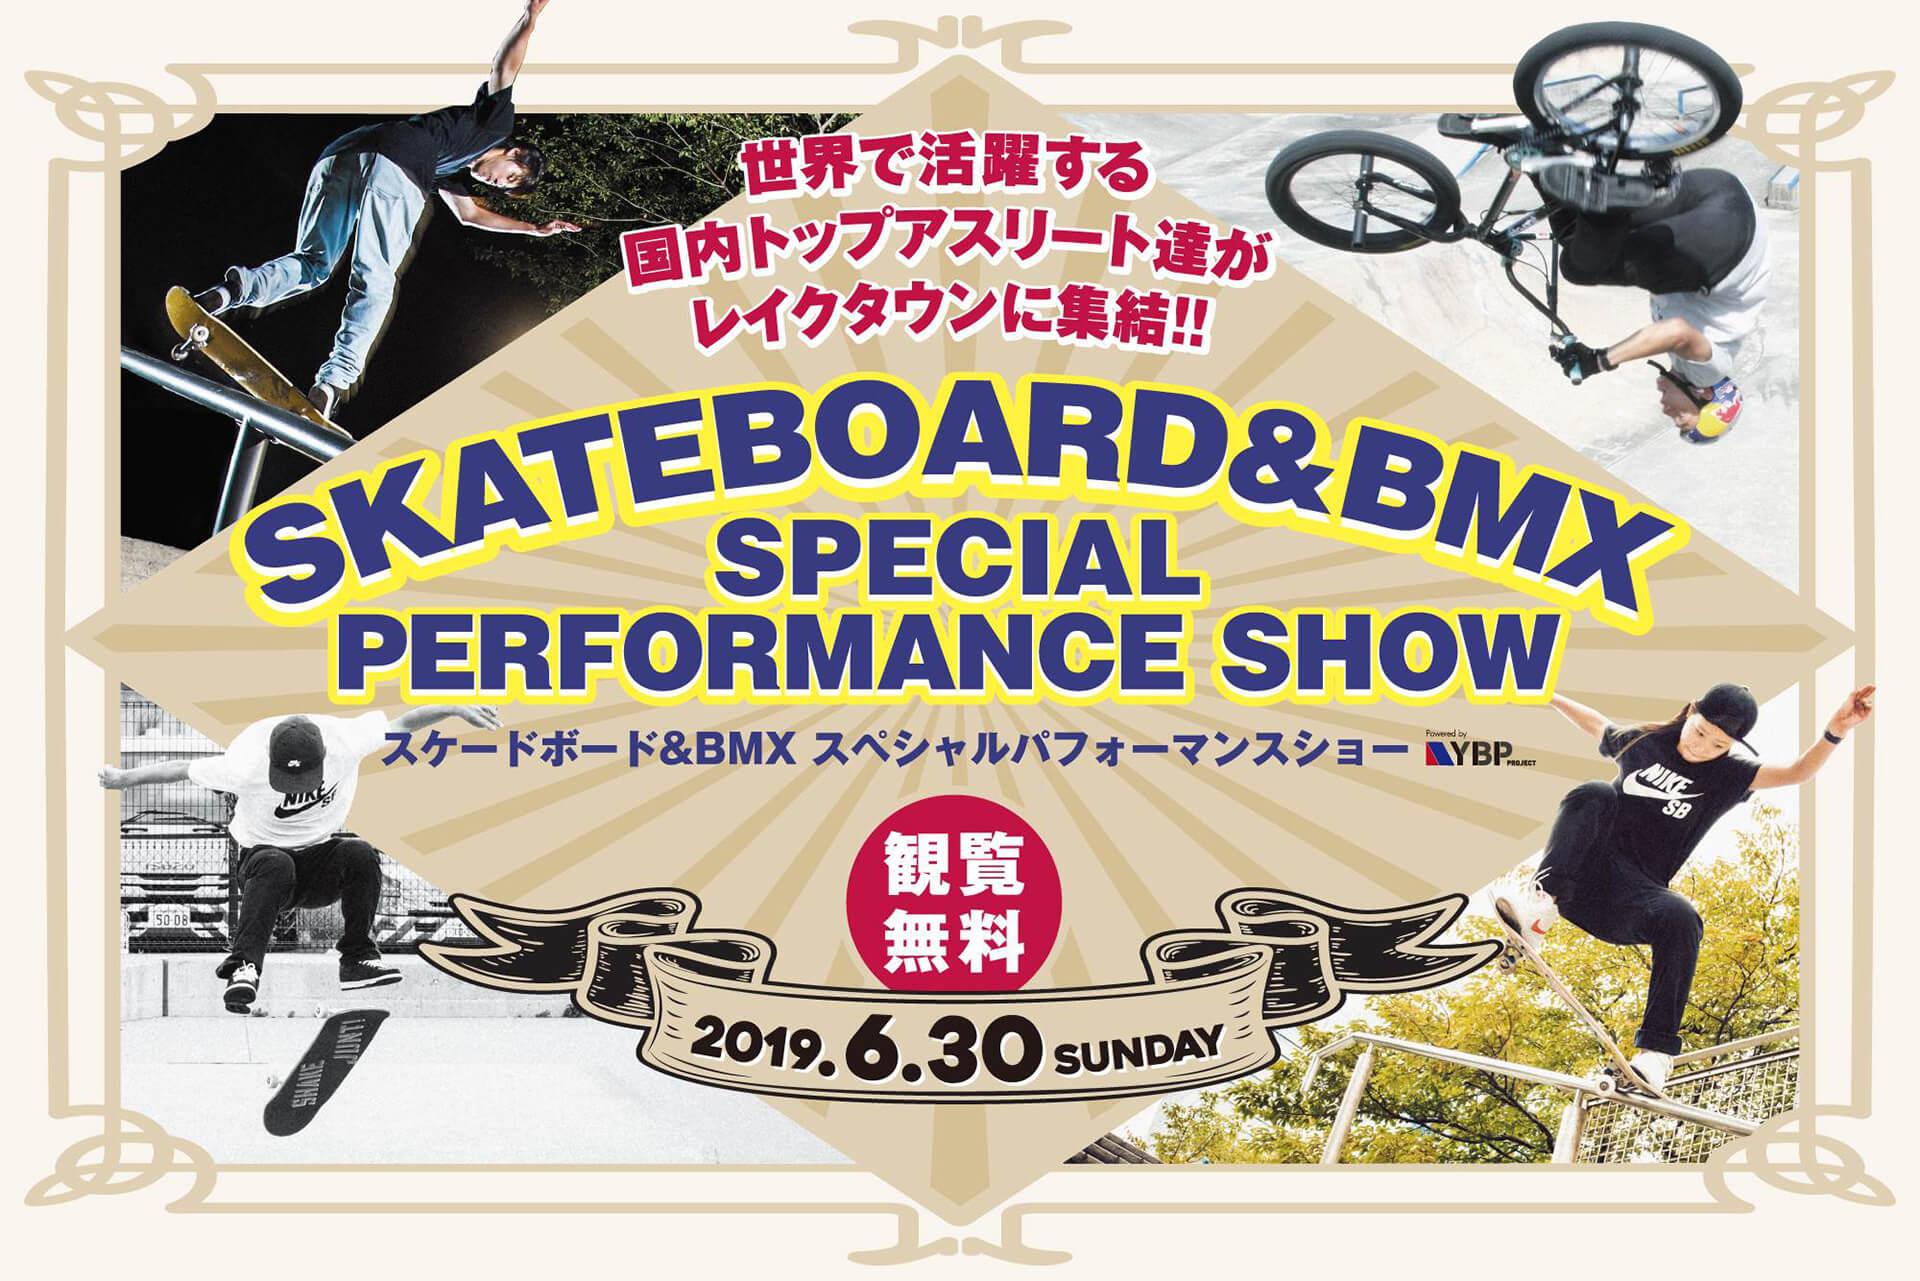 この写真は越谷イオンレイクタウンにて、 スケートボード&BMXスペシャルパフォーマンスショーの、パフォーマーの写真が載った告知バーナーです